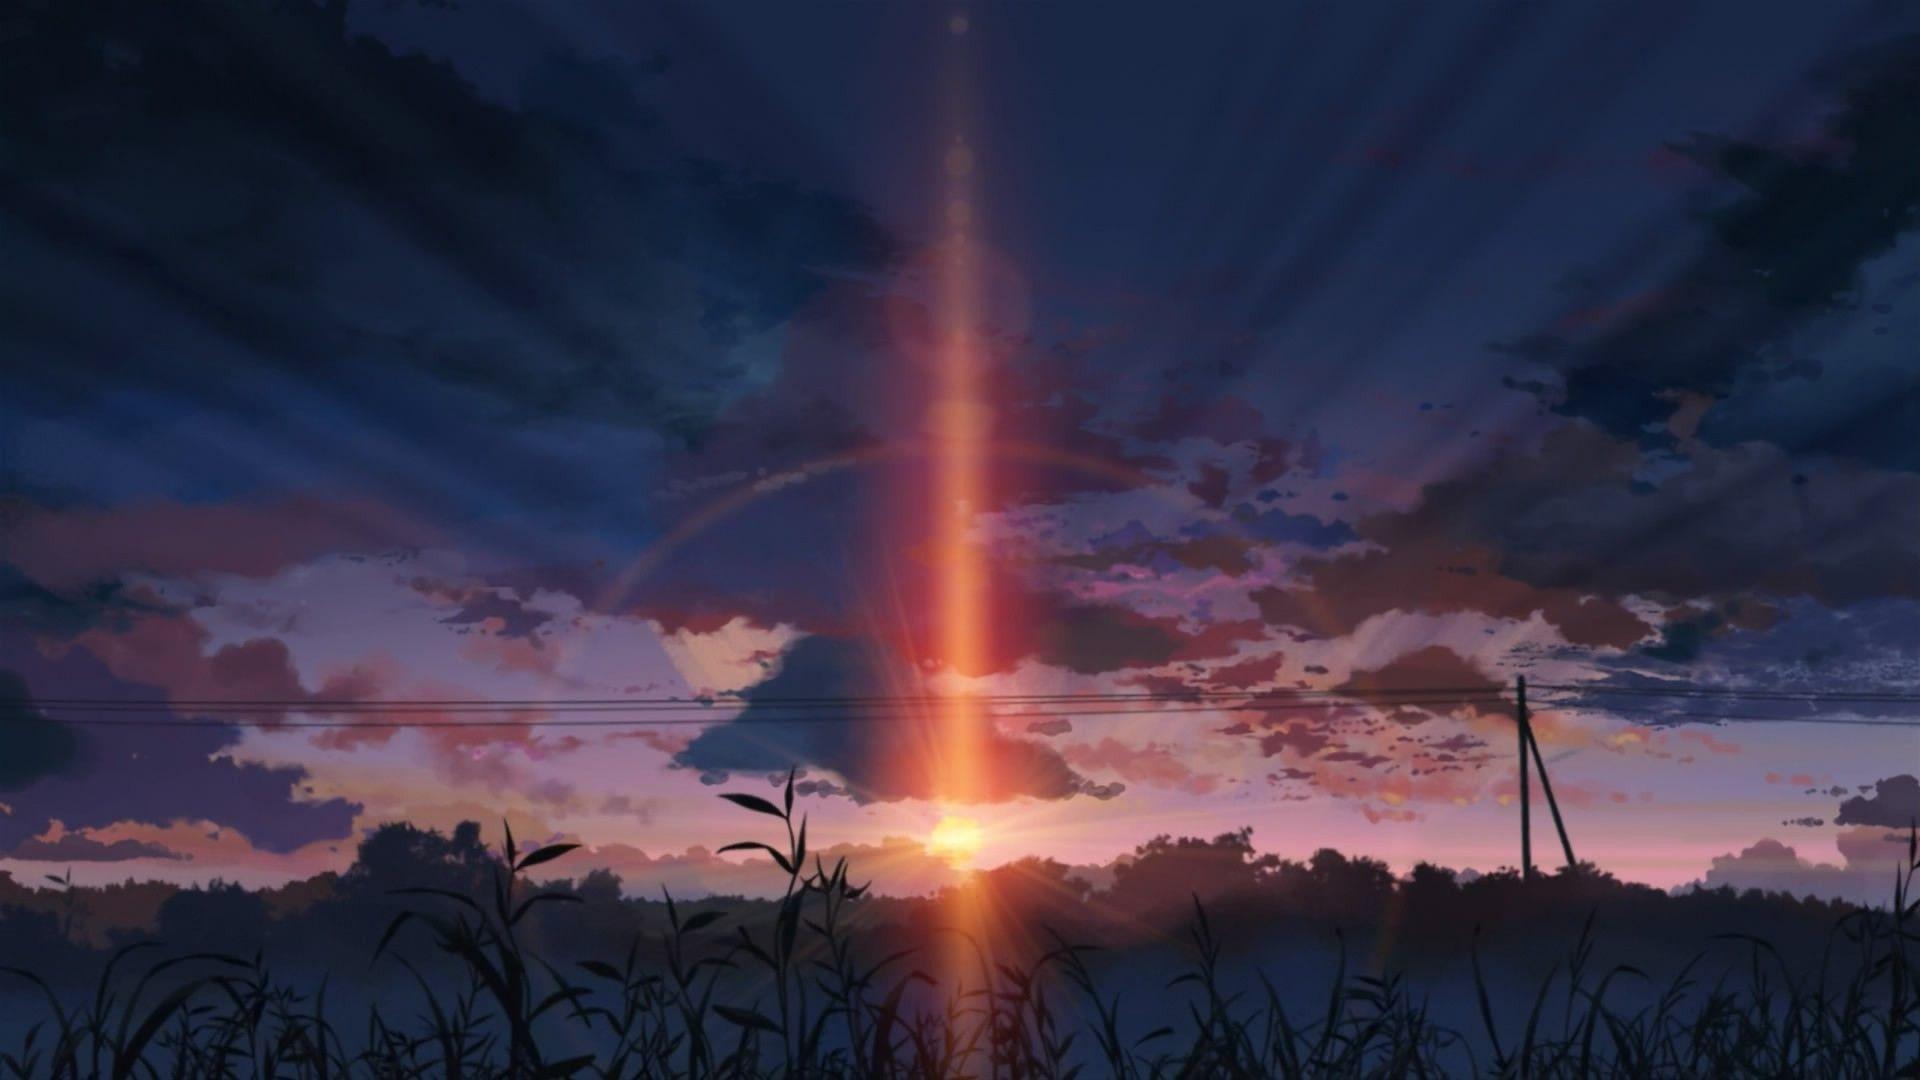 Aesthetic Desktop Anime Wallpaper Hd Anime Landscape Landscape Wallpaper Anime Scenery Anime Scenery Wallpaper